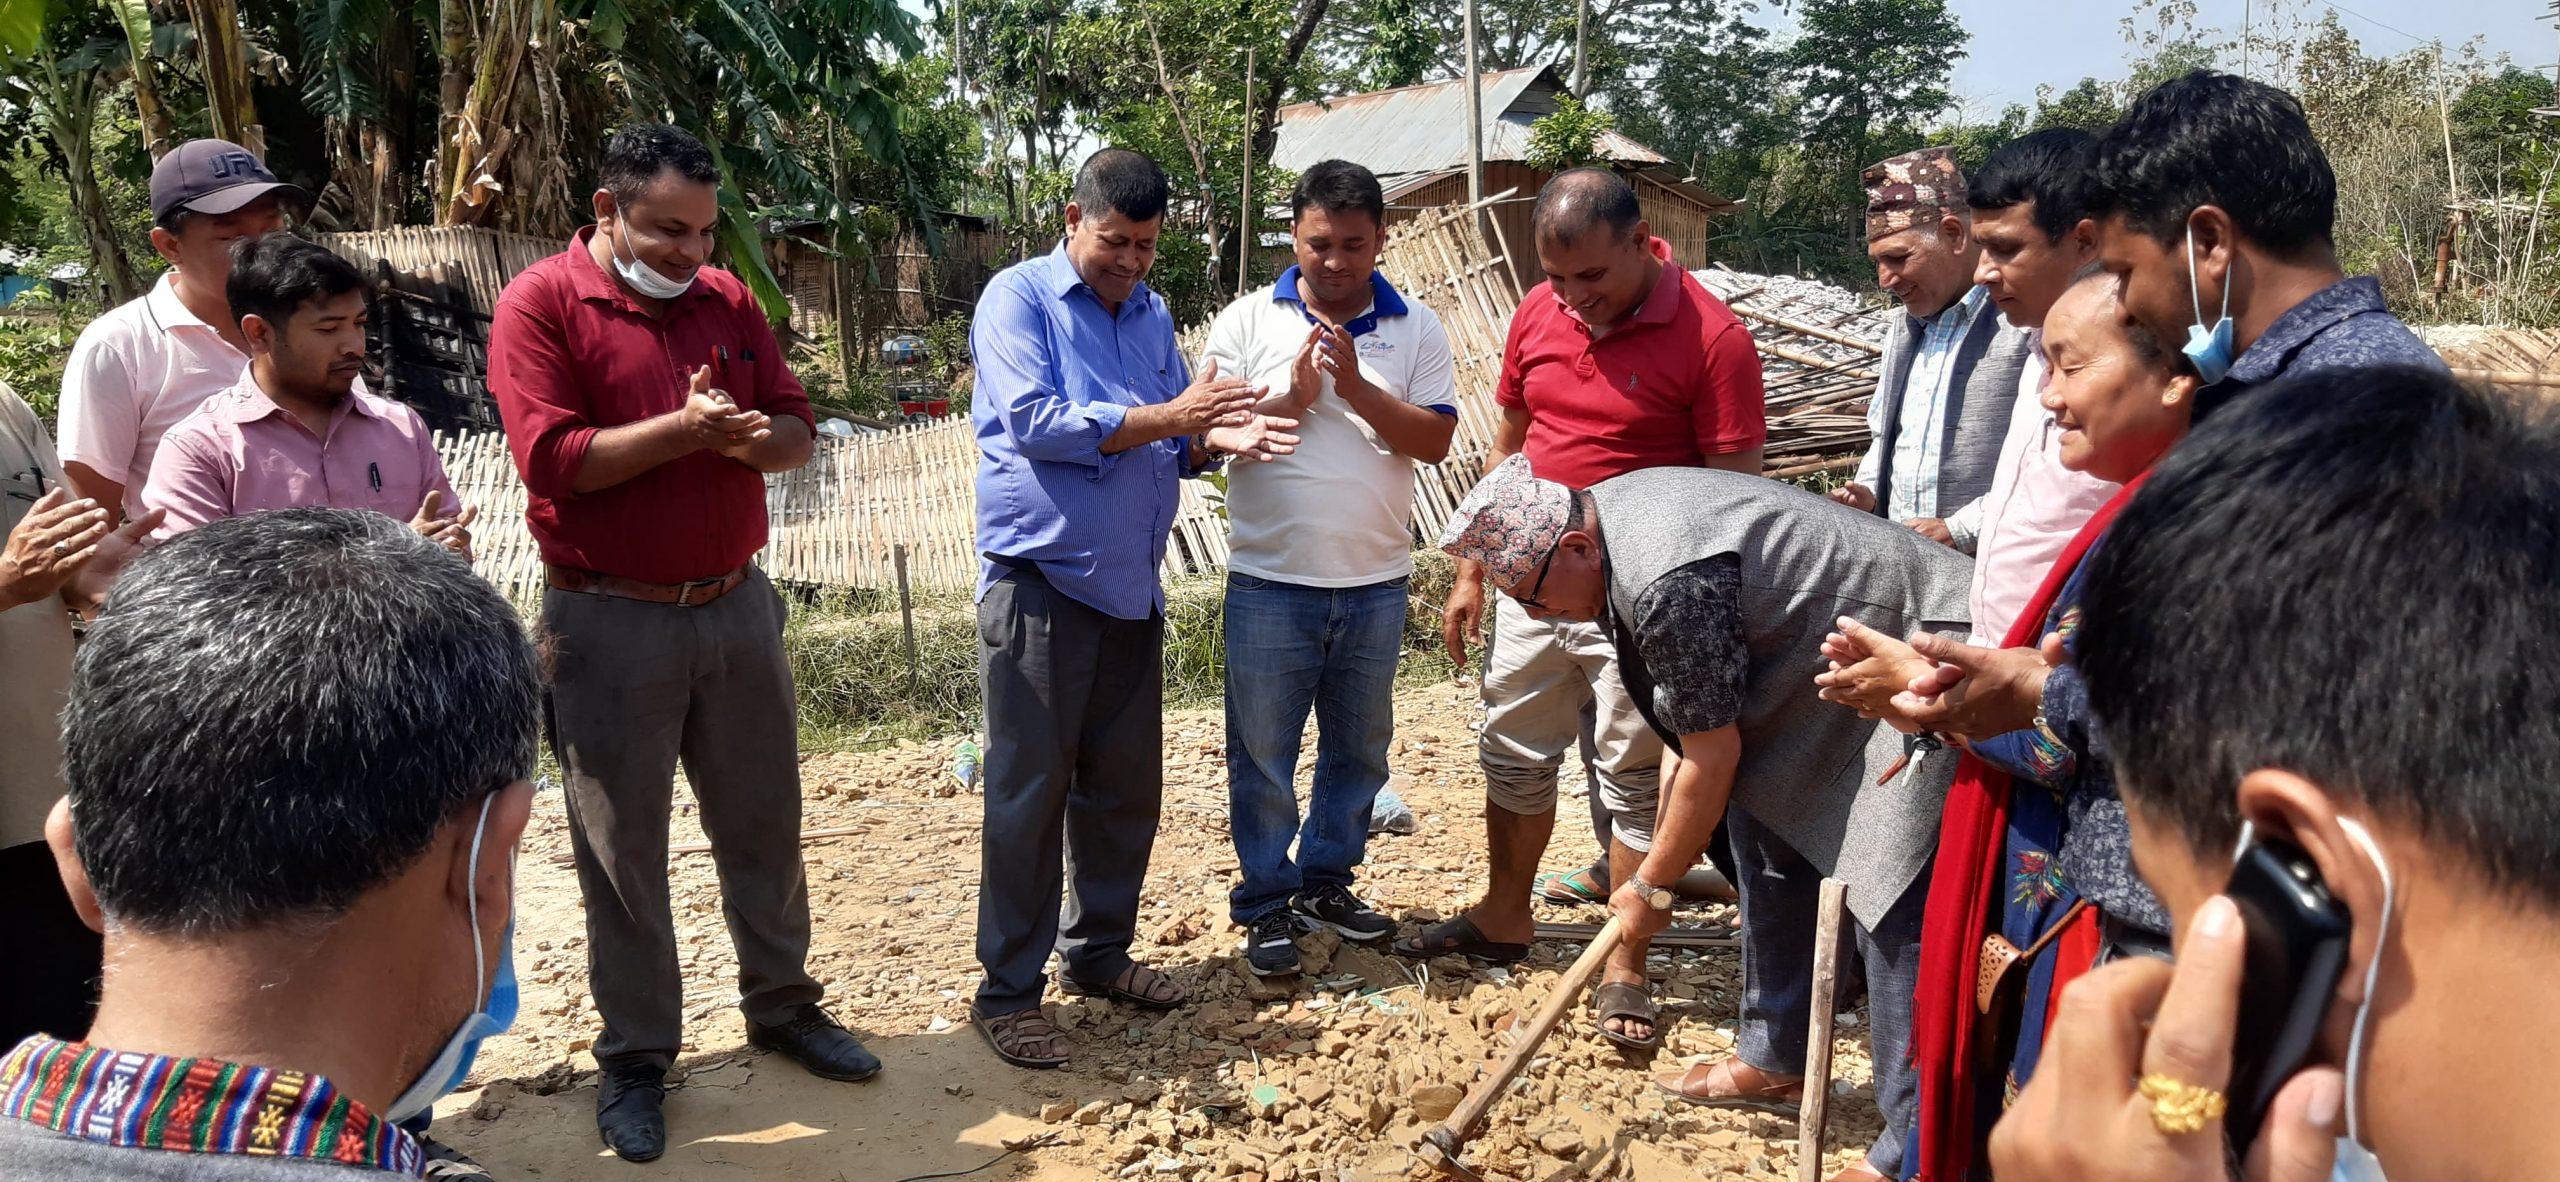 युवा संघ नेपालले ७ वटै वडामा विपन्न वर्गको घर निर्माण गरिदिने